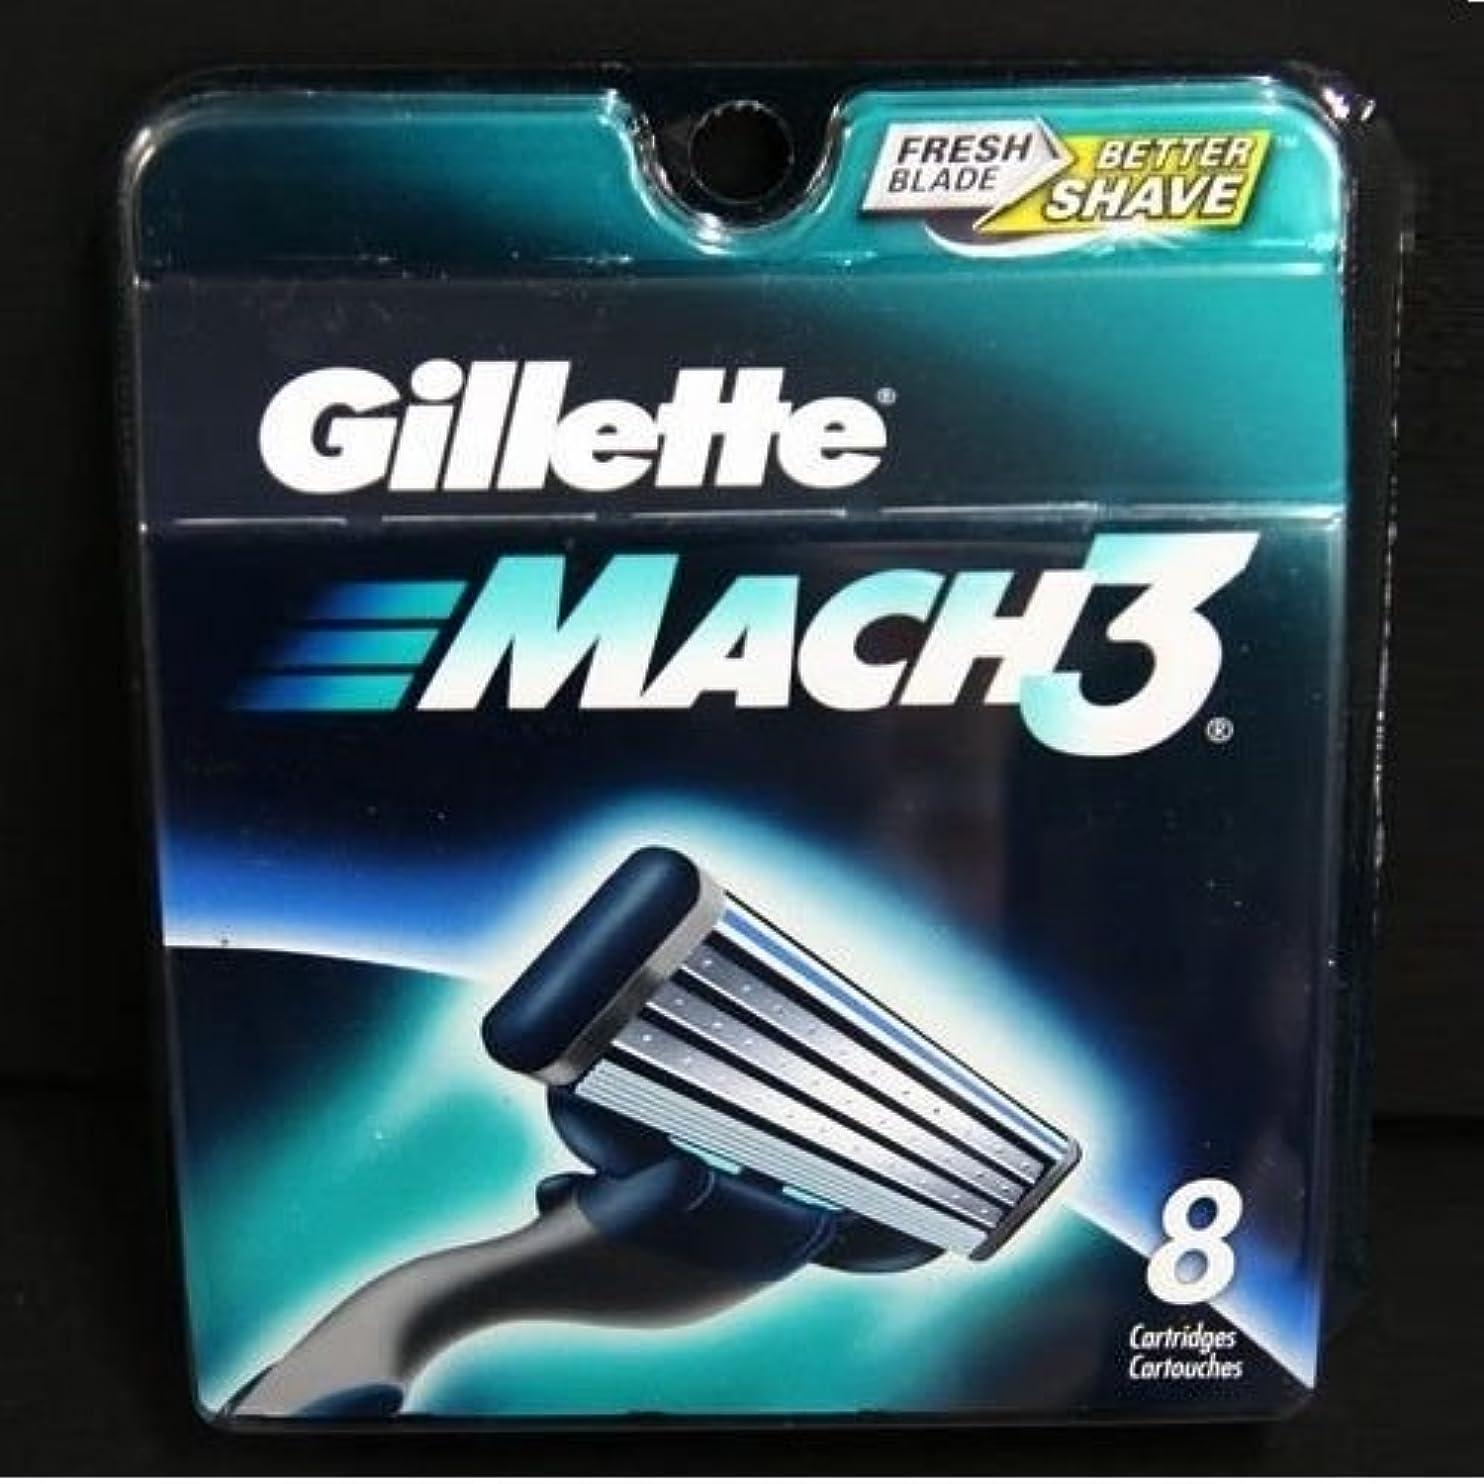 ジェットハイジャック手足Gillette MACH3 SHAVING RAZOR カートリッジブレード 8 Pack [並行輸入品]